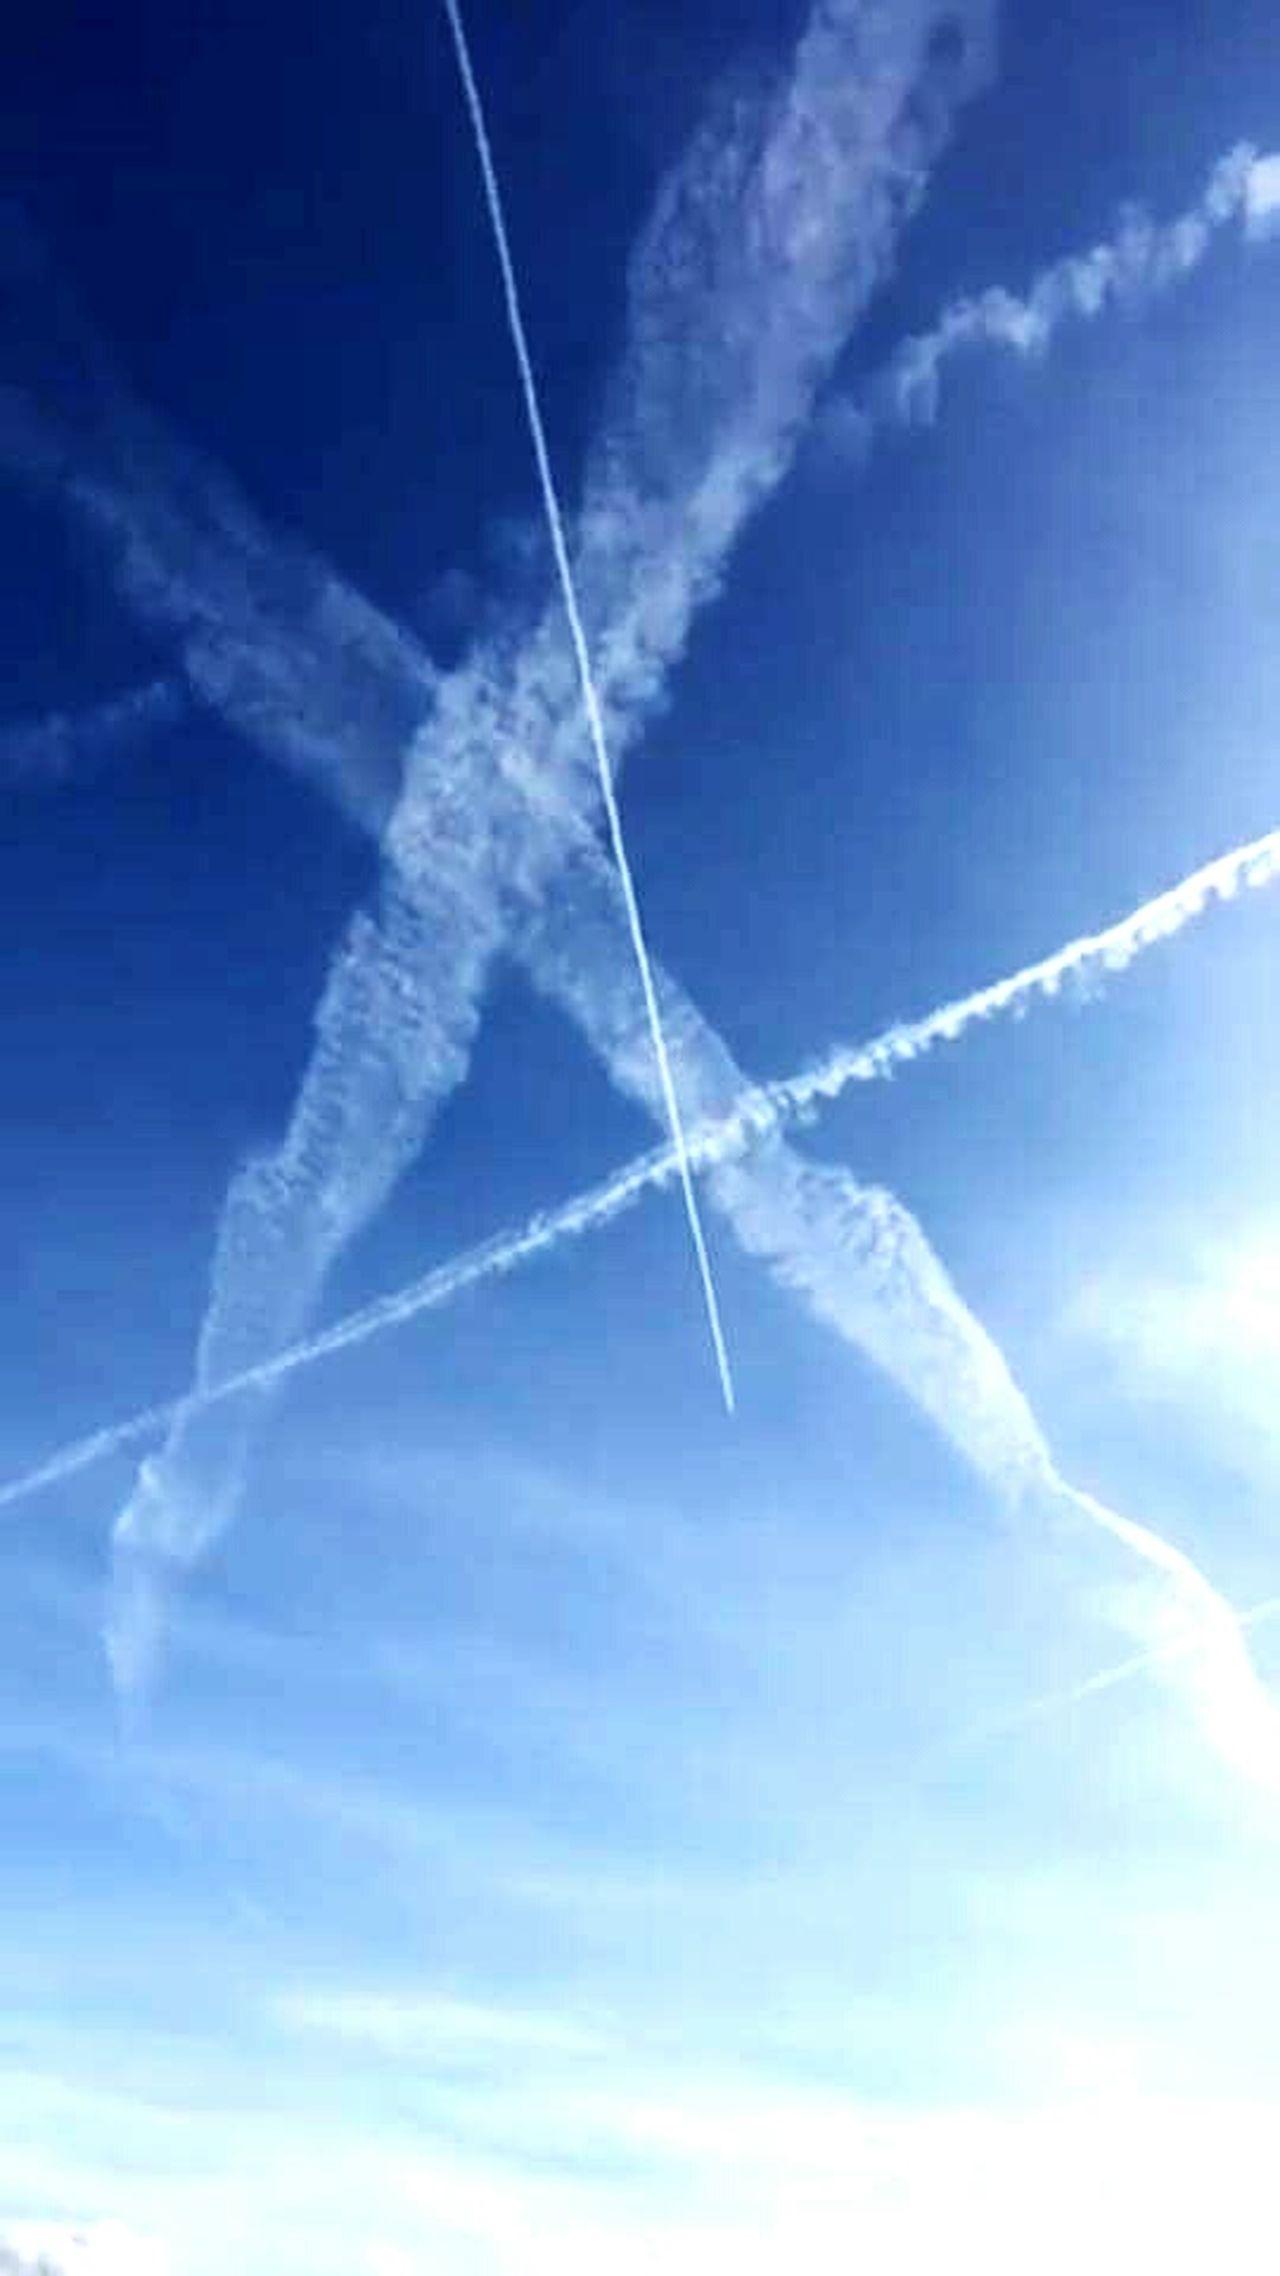 Haze Aerosols GeoEngineering Whatthefuckaretheyspraying Chemtrails Chemical Sky Spraying